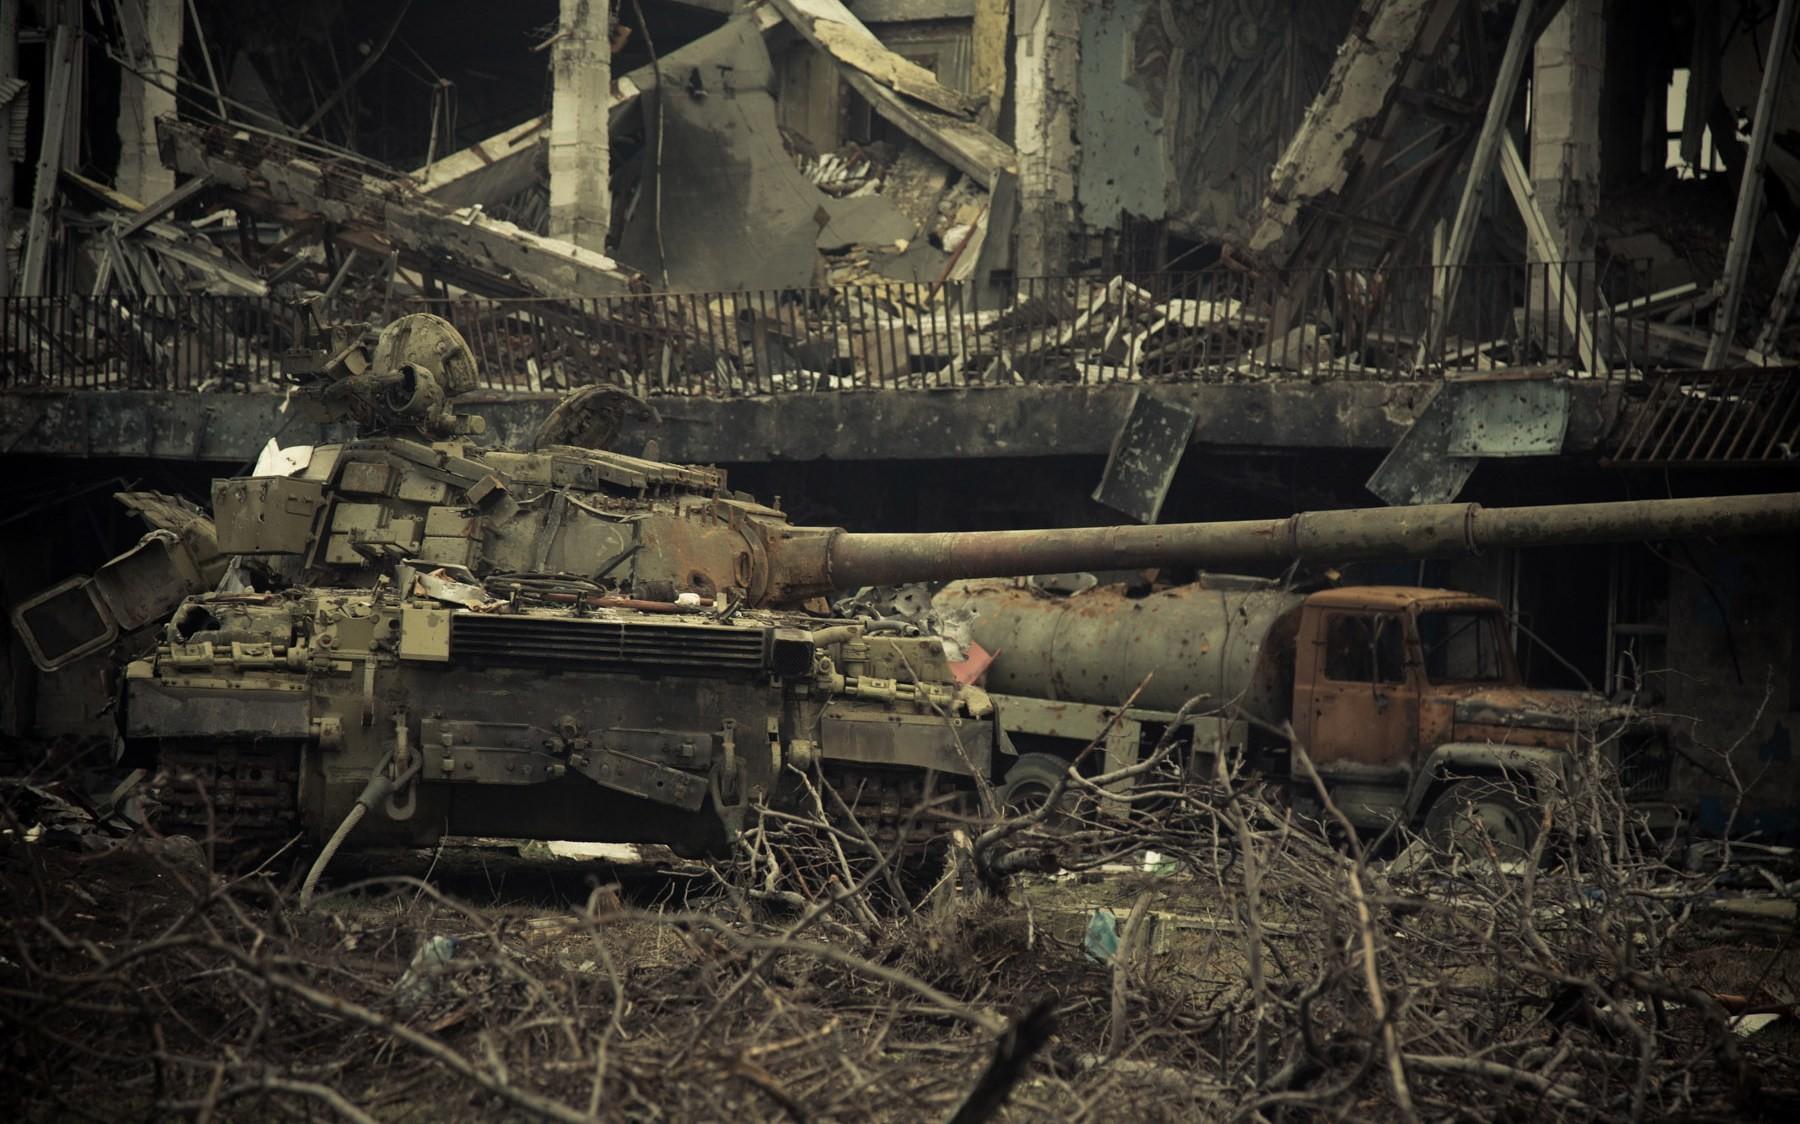 «Выживать под огнём научил Моторола»: о войне, правде и работе под пулями (ФОТО)